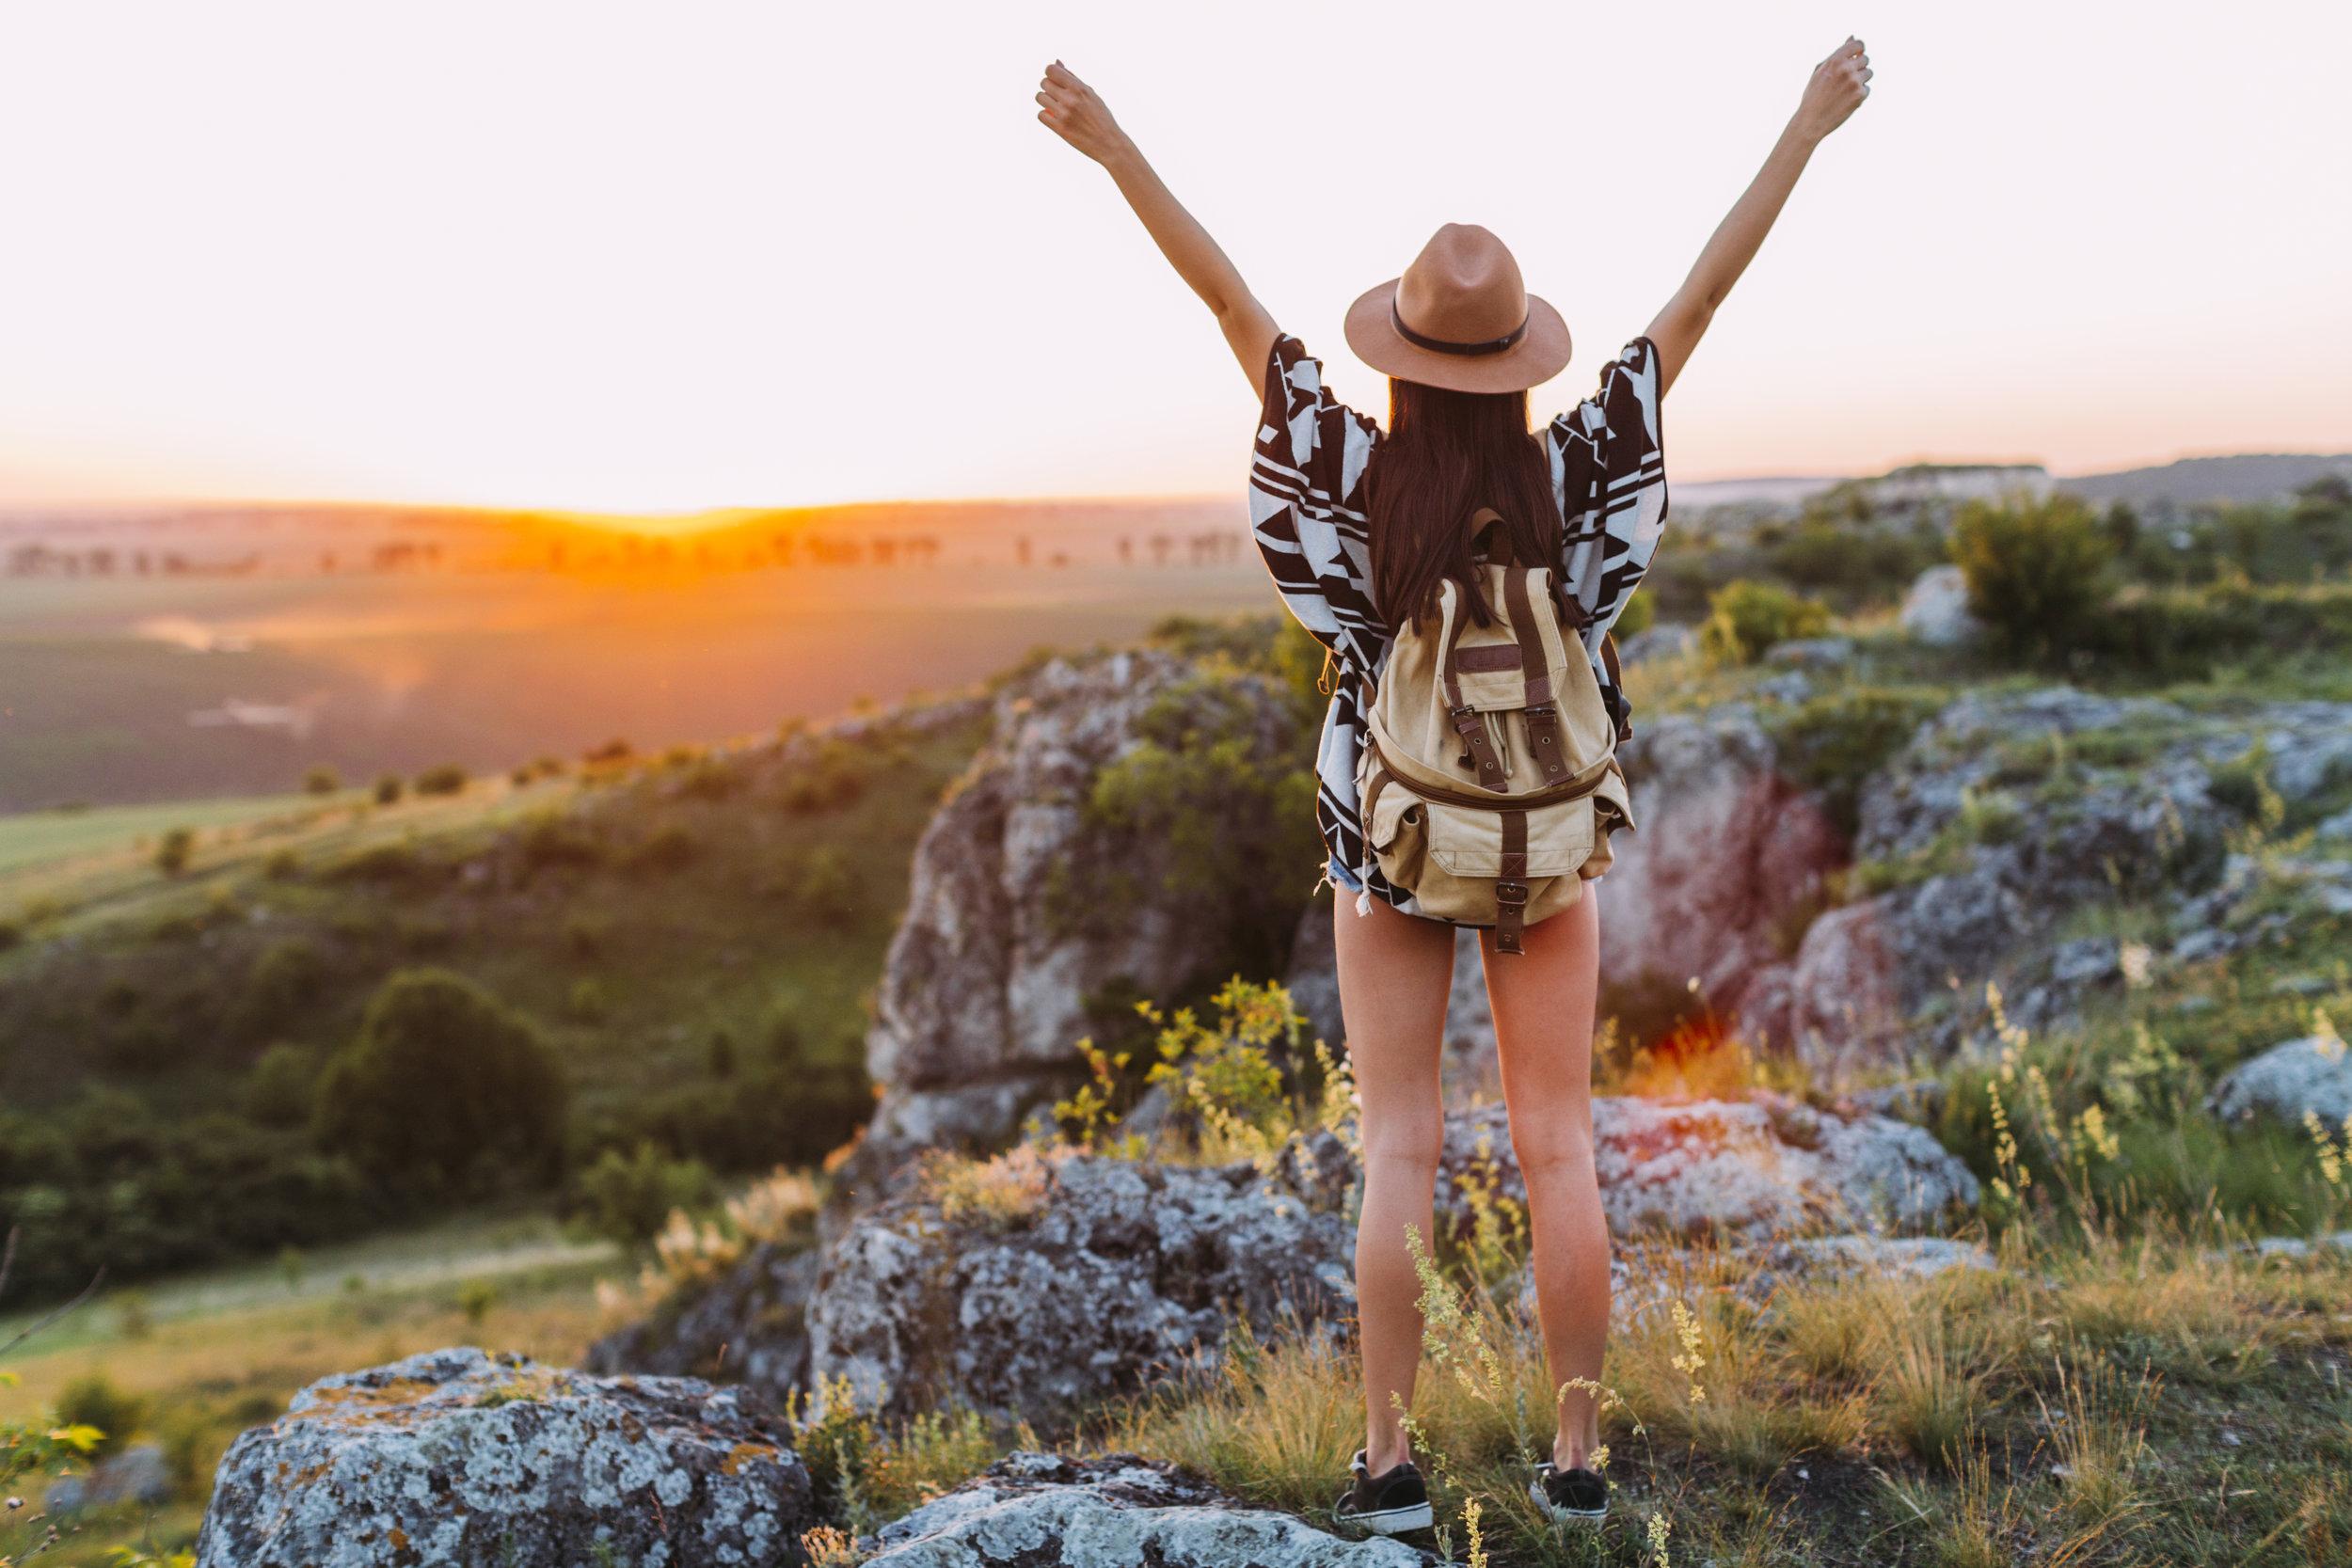 Como viajero… - Tienes un deber de minimizar posibles riesgos